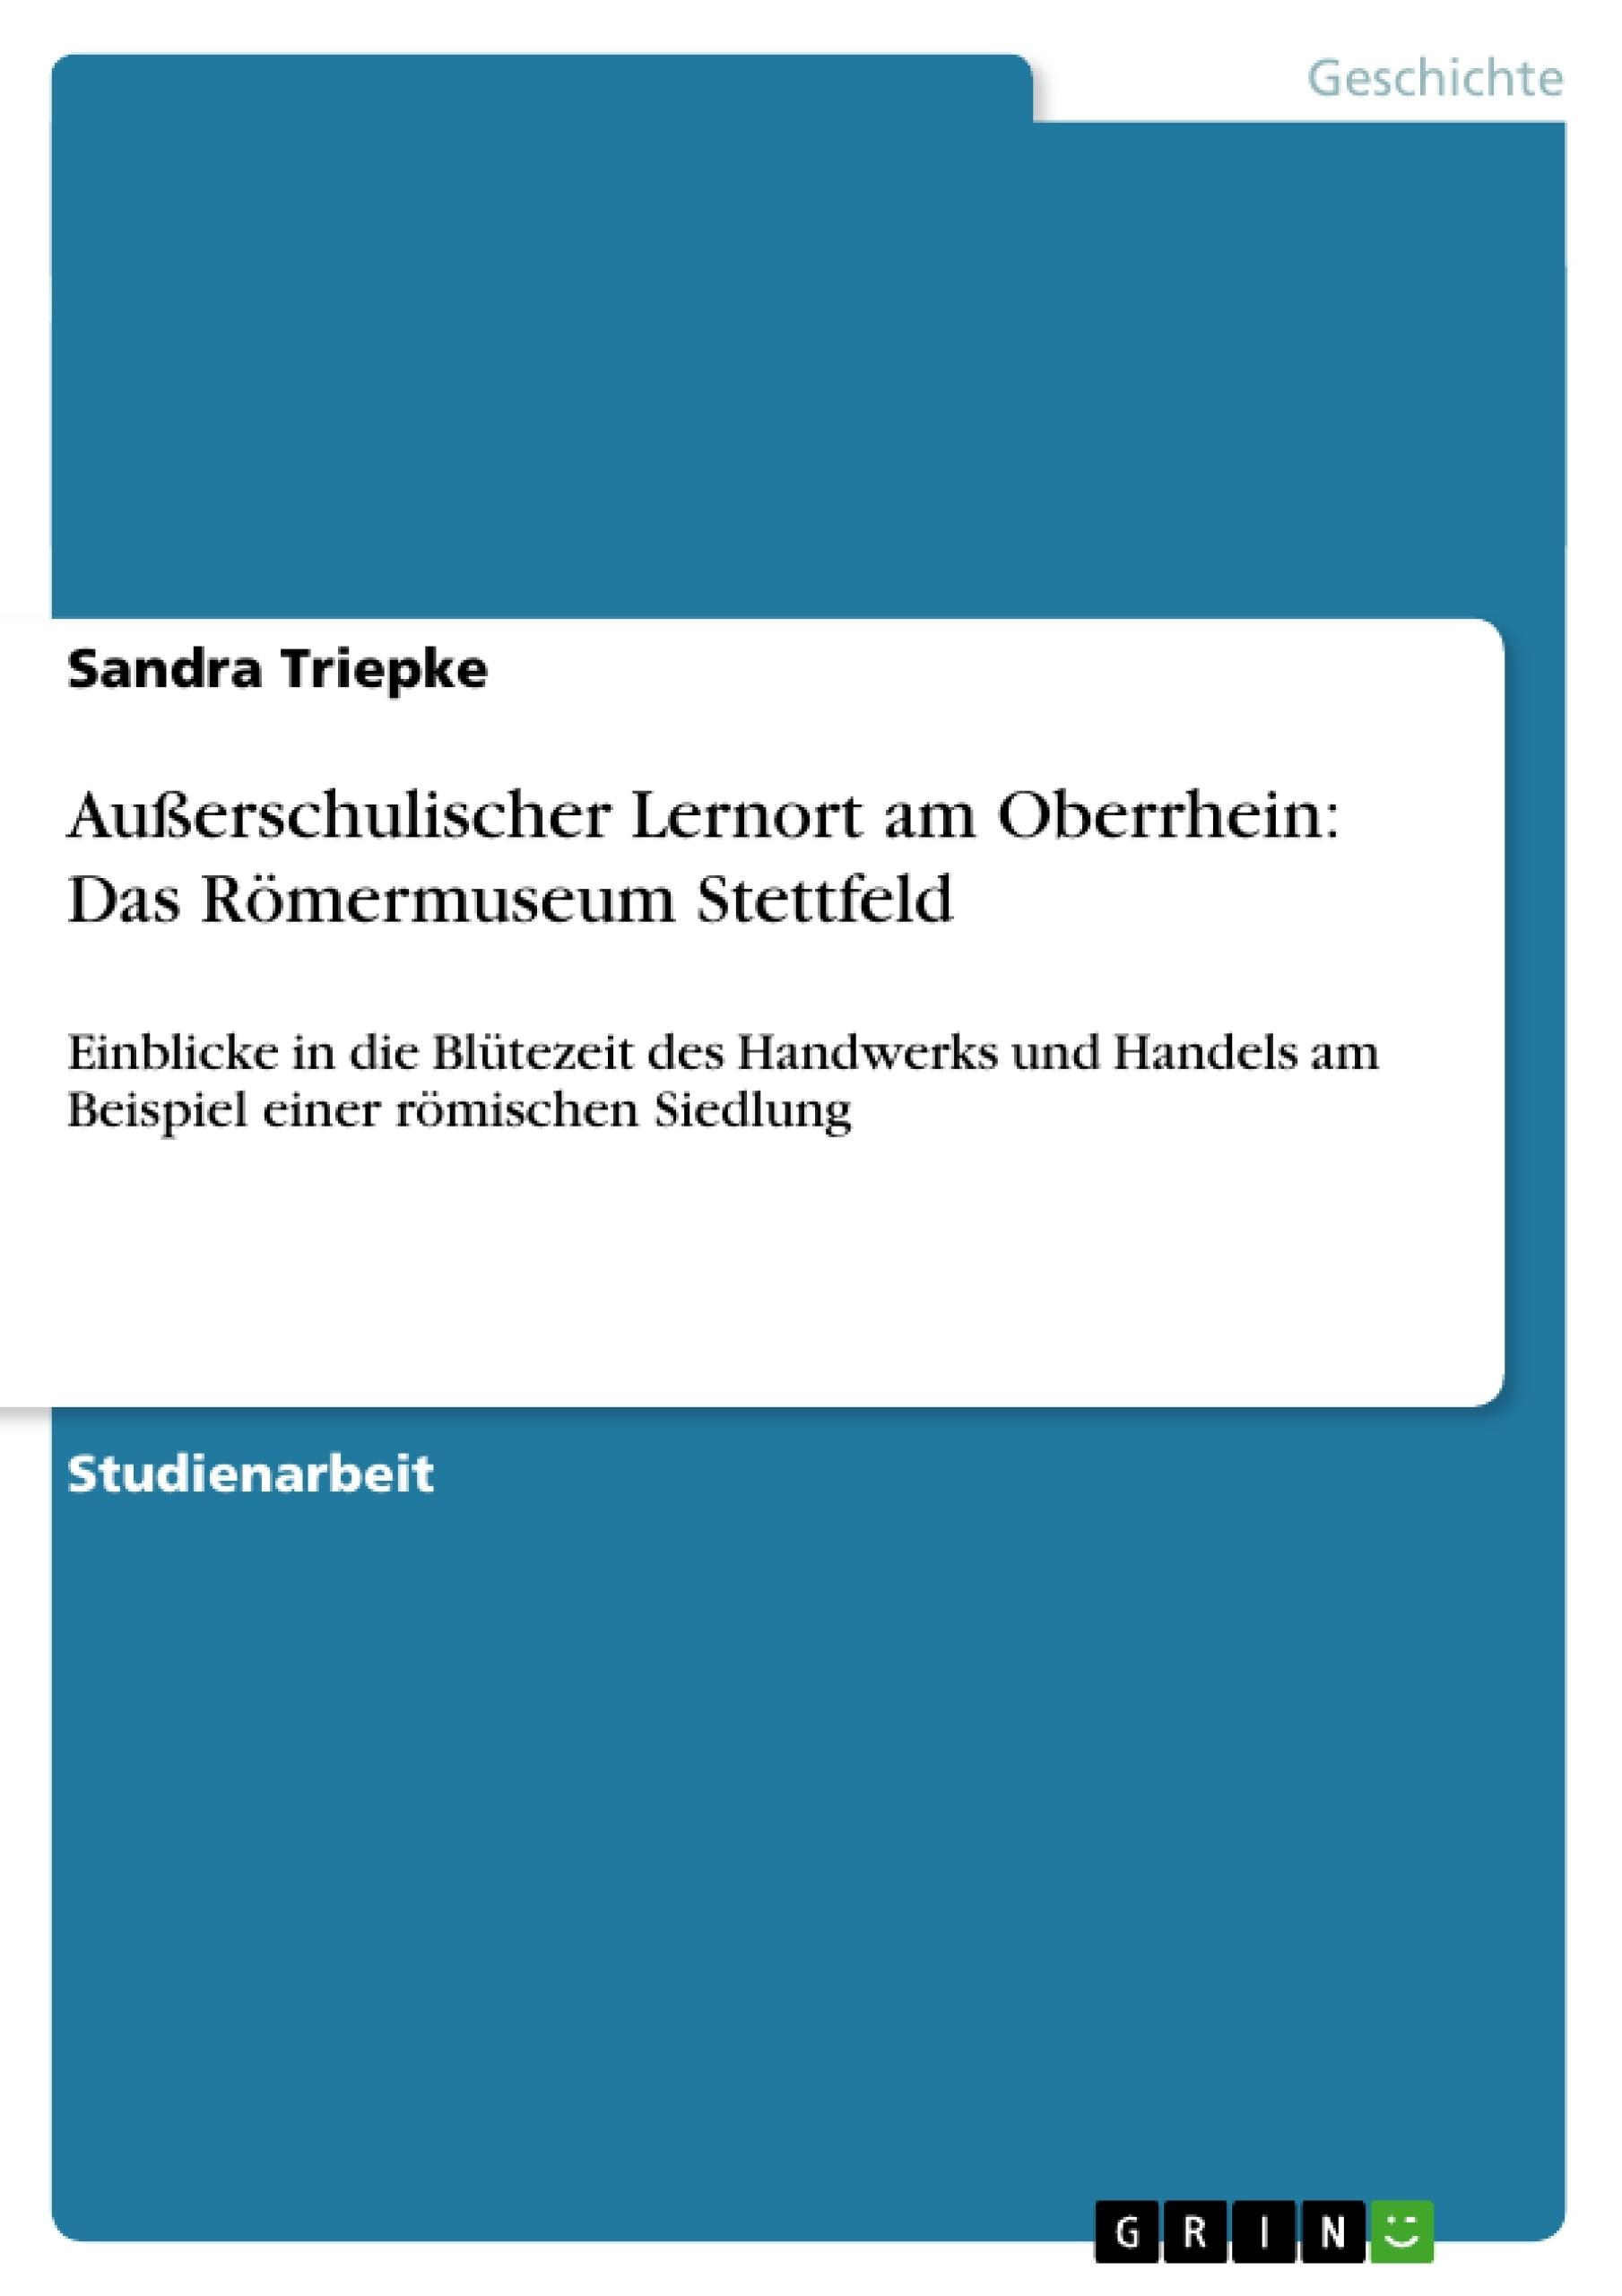 Titel: Außerschulischer Lernort am Oberrhein:  Das Römermuseum Stettfeld